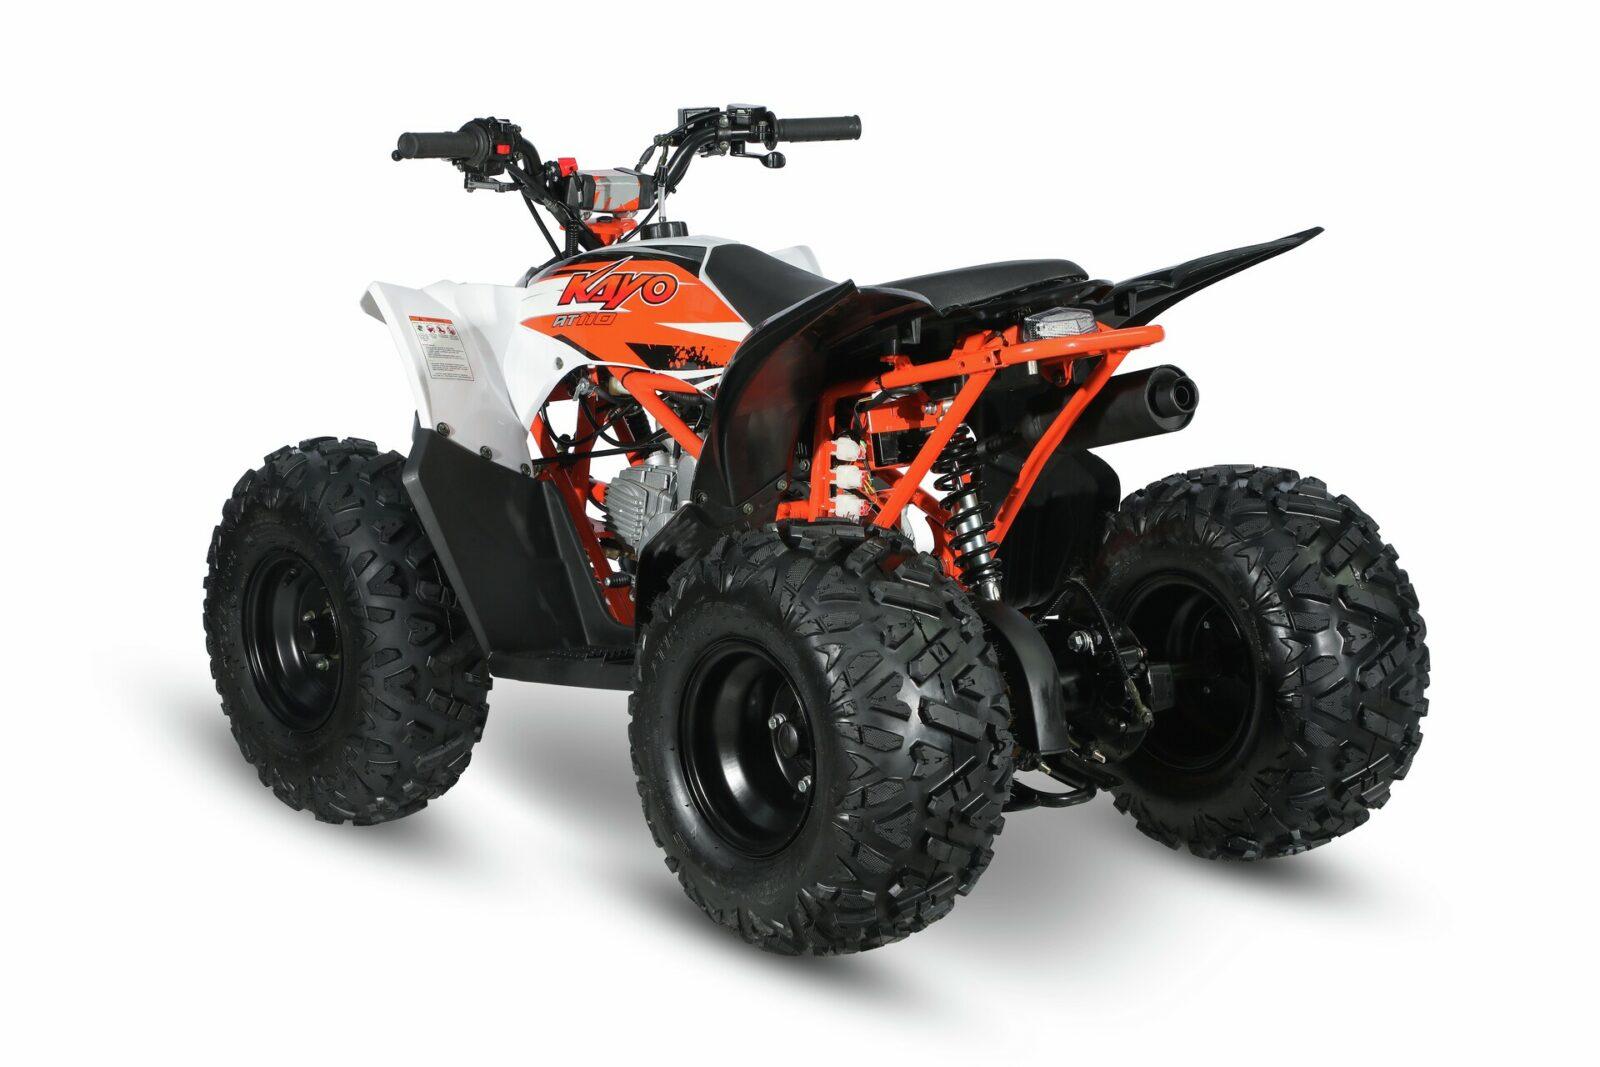 KAYO AT110 ATV 01929 1920